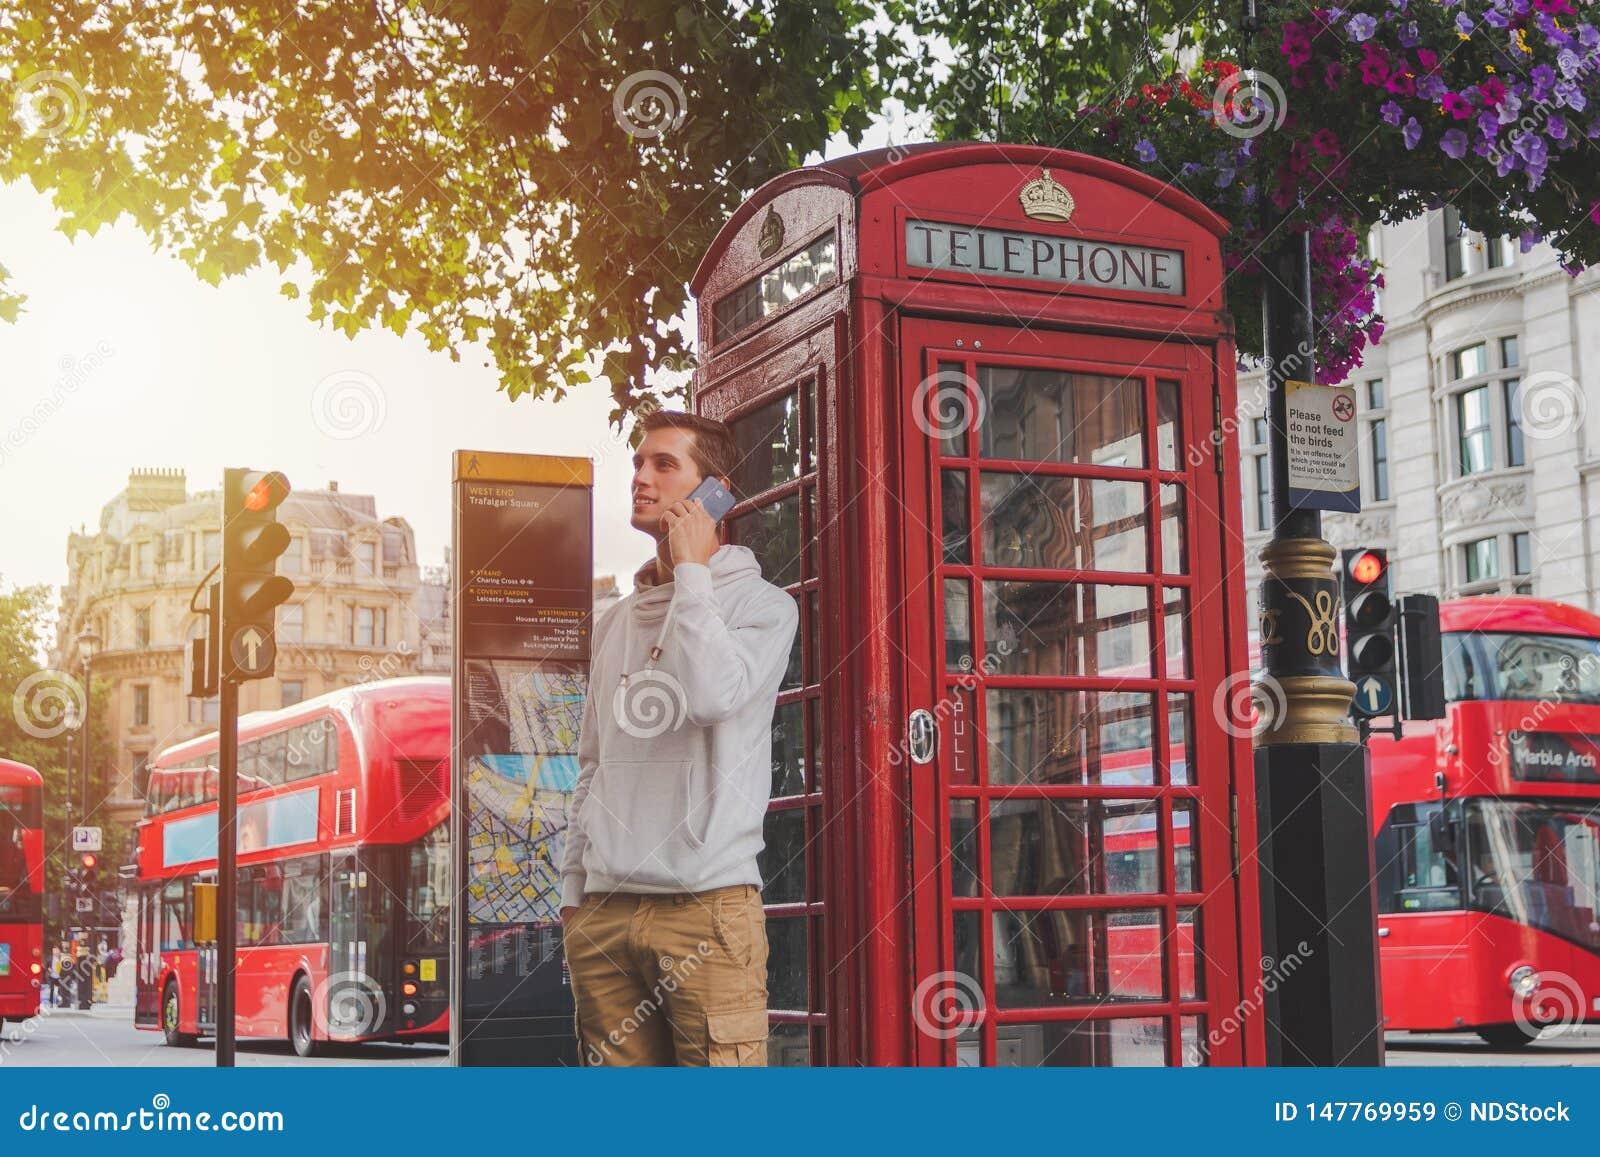 Νέο αγόρι που χρησιμοποιεί το smartphone μπροστά από ένα τηλεφωνικό κιβώτιο και ένα κόκκινο λεωφορείο στο Λονδίνο